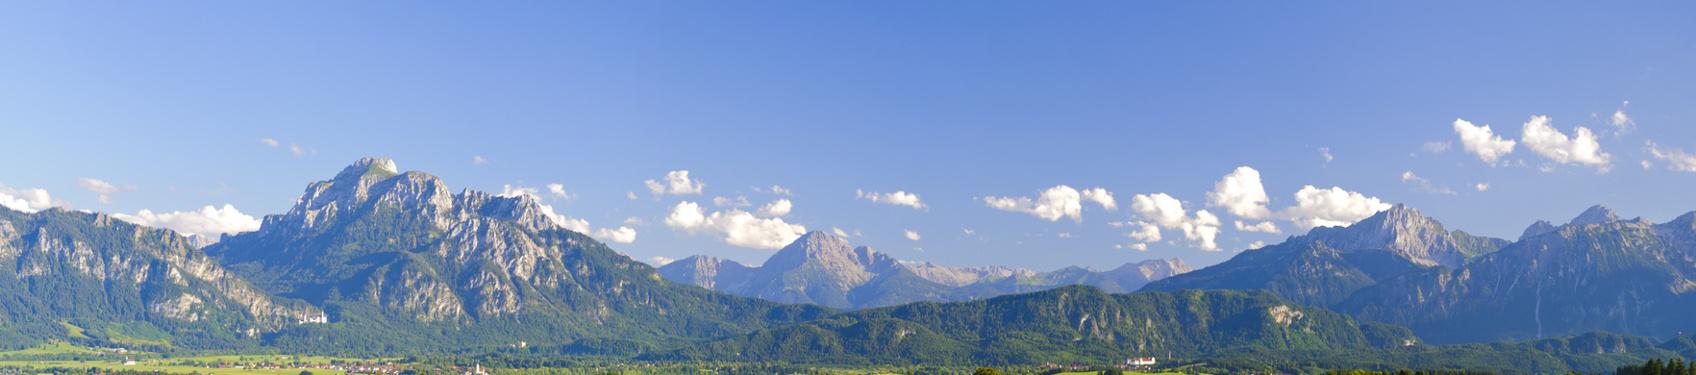 Bild von Alpen